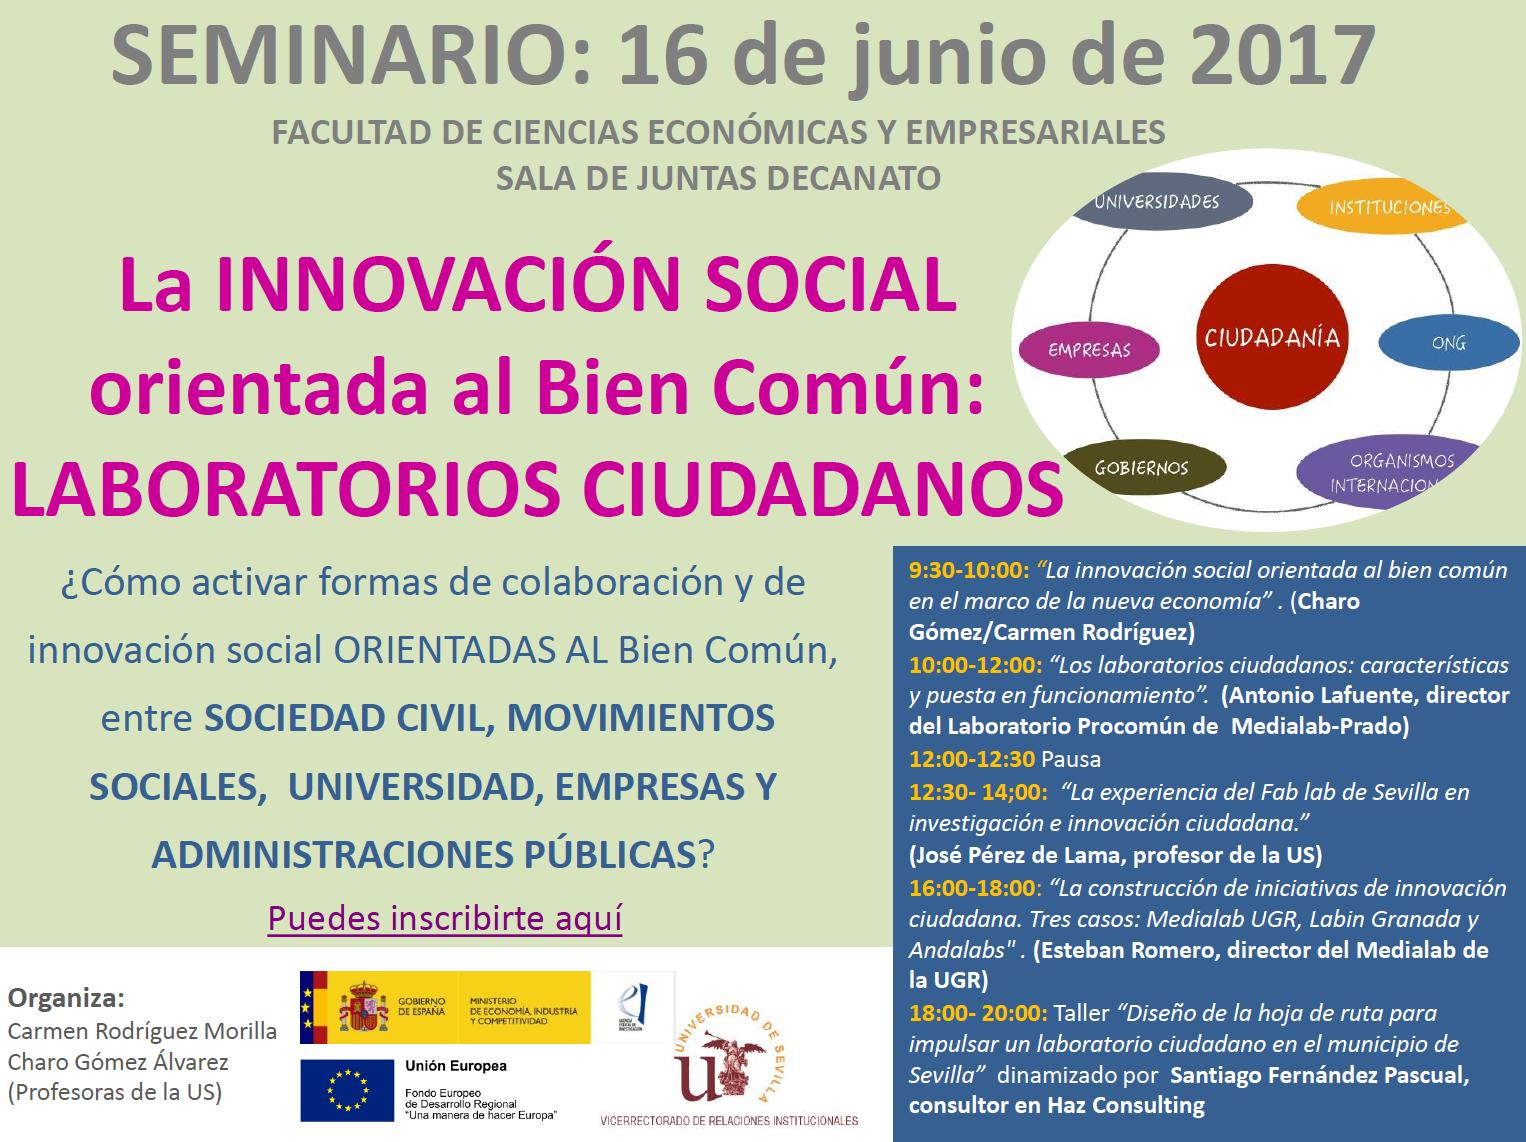 Seminario Laboratorios Ciudadanos - Sevilla